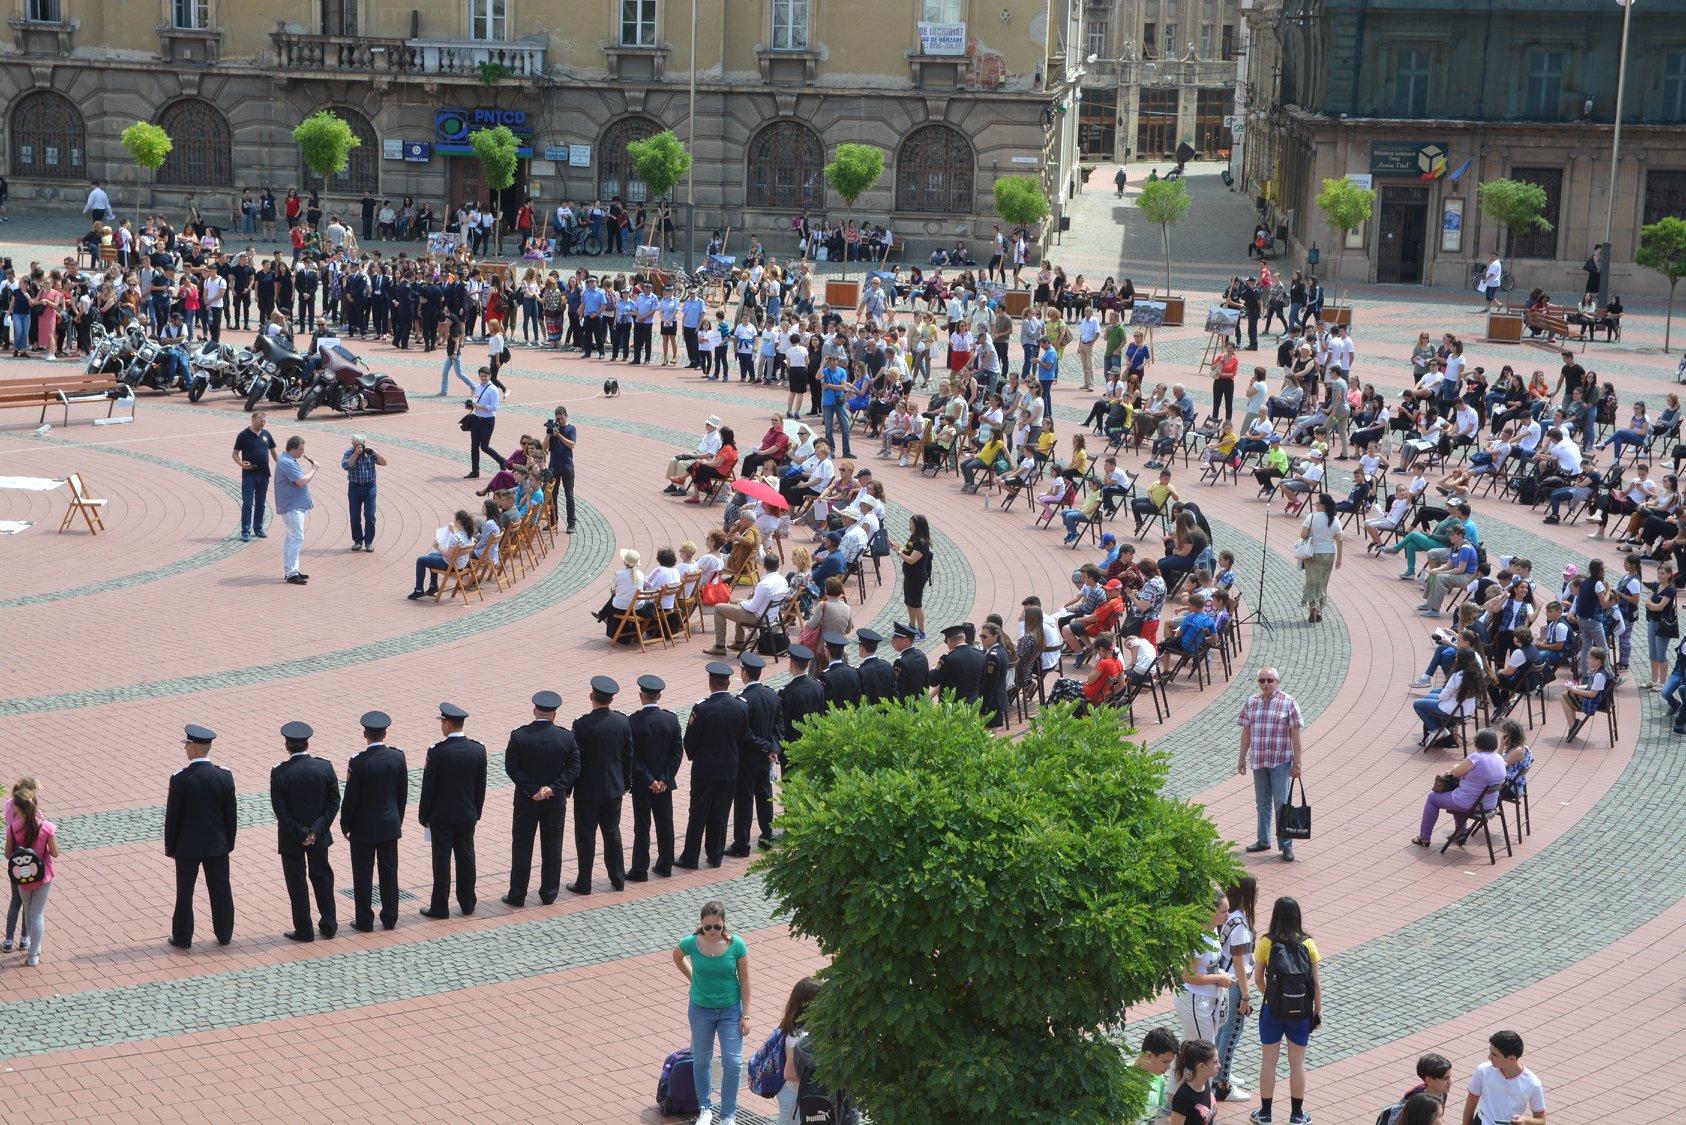 Concentrica 2021 LIVE | Cel mai mare spectacol urban de lectura din Romania revine in Piata Libertatii din Timisoara